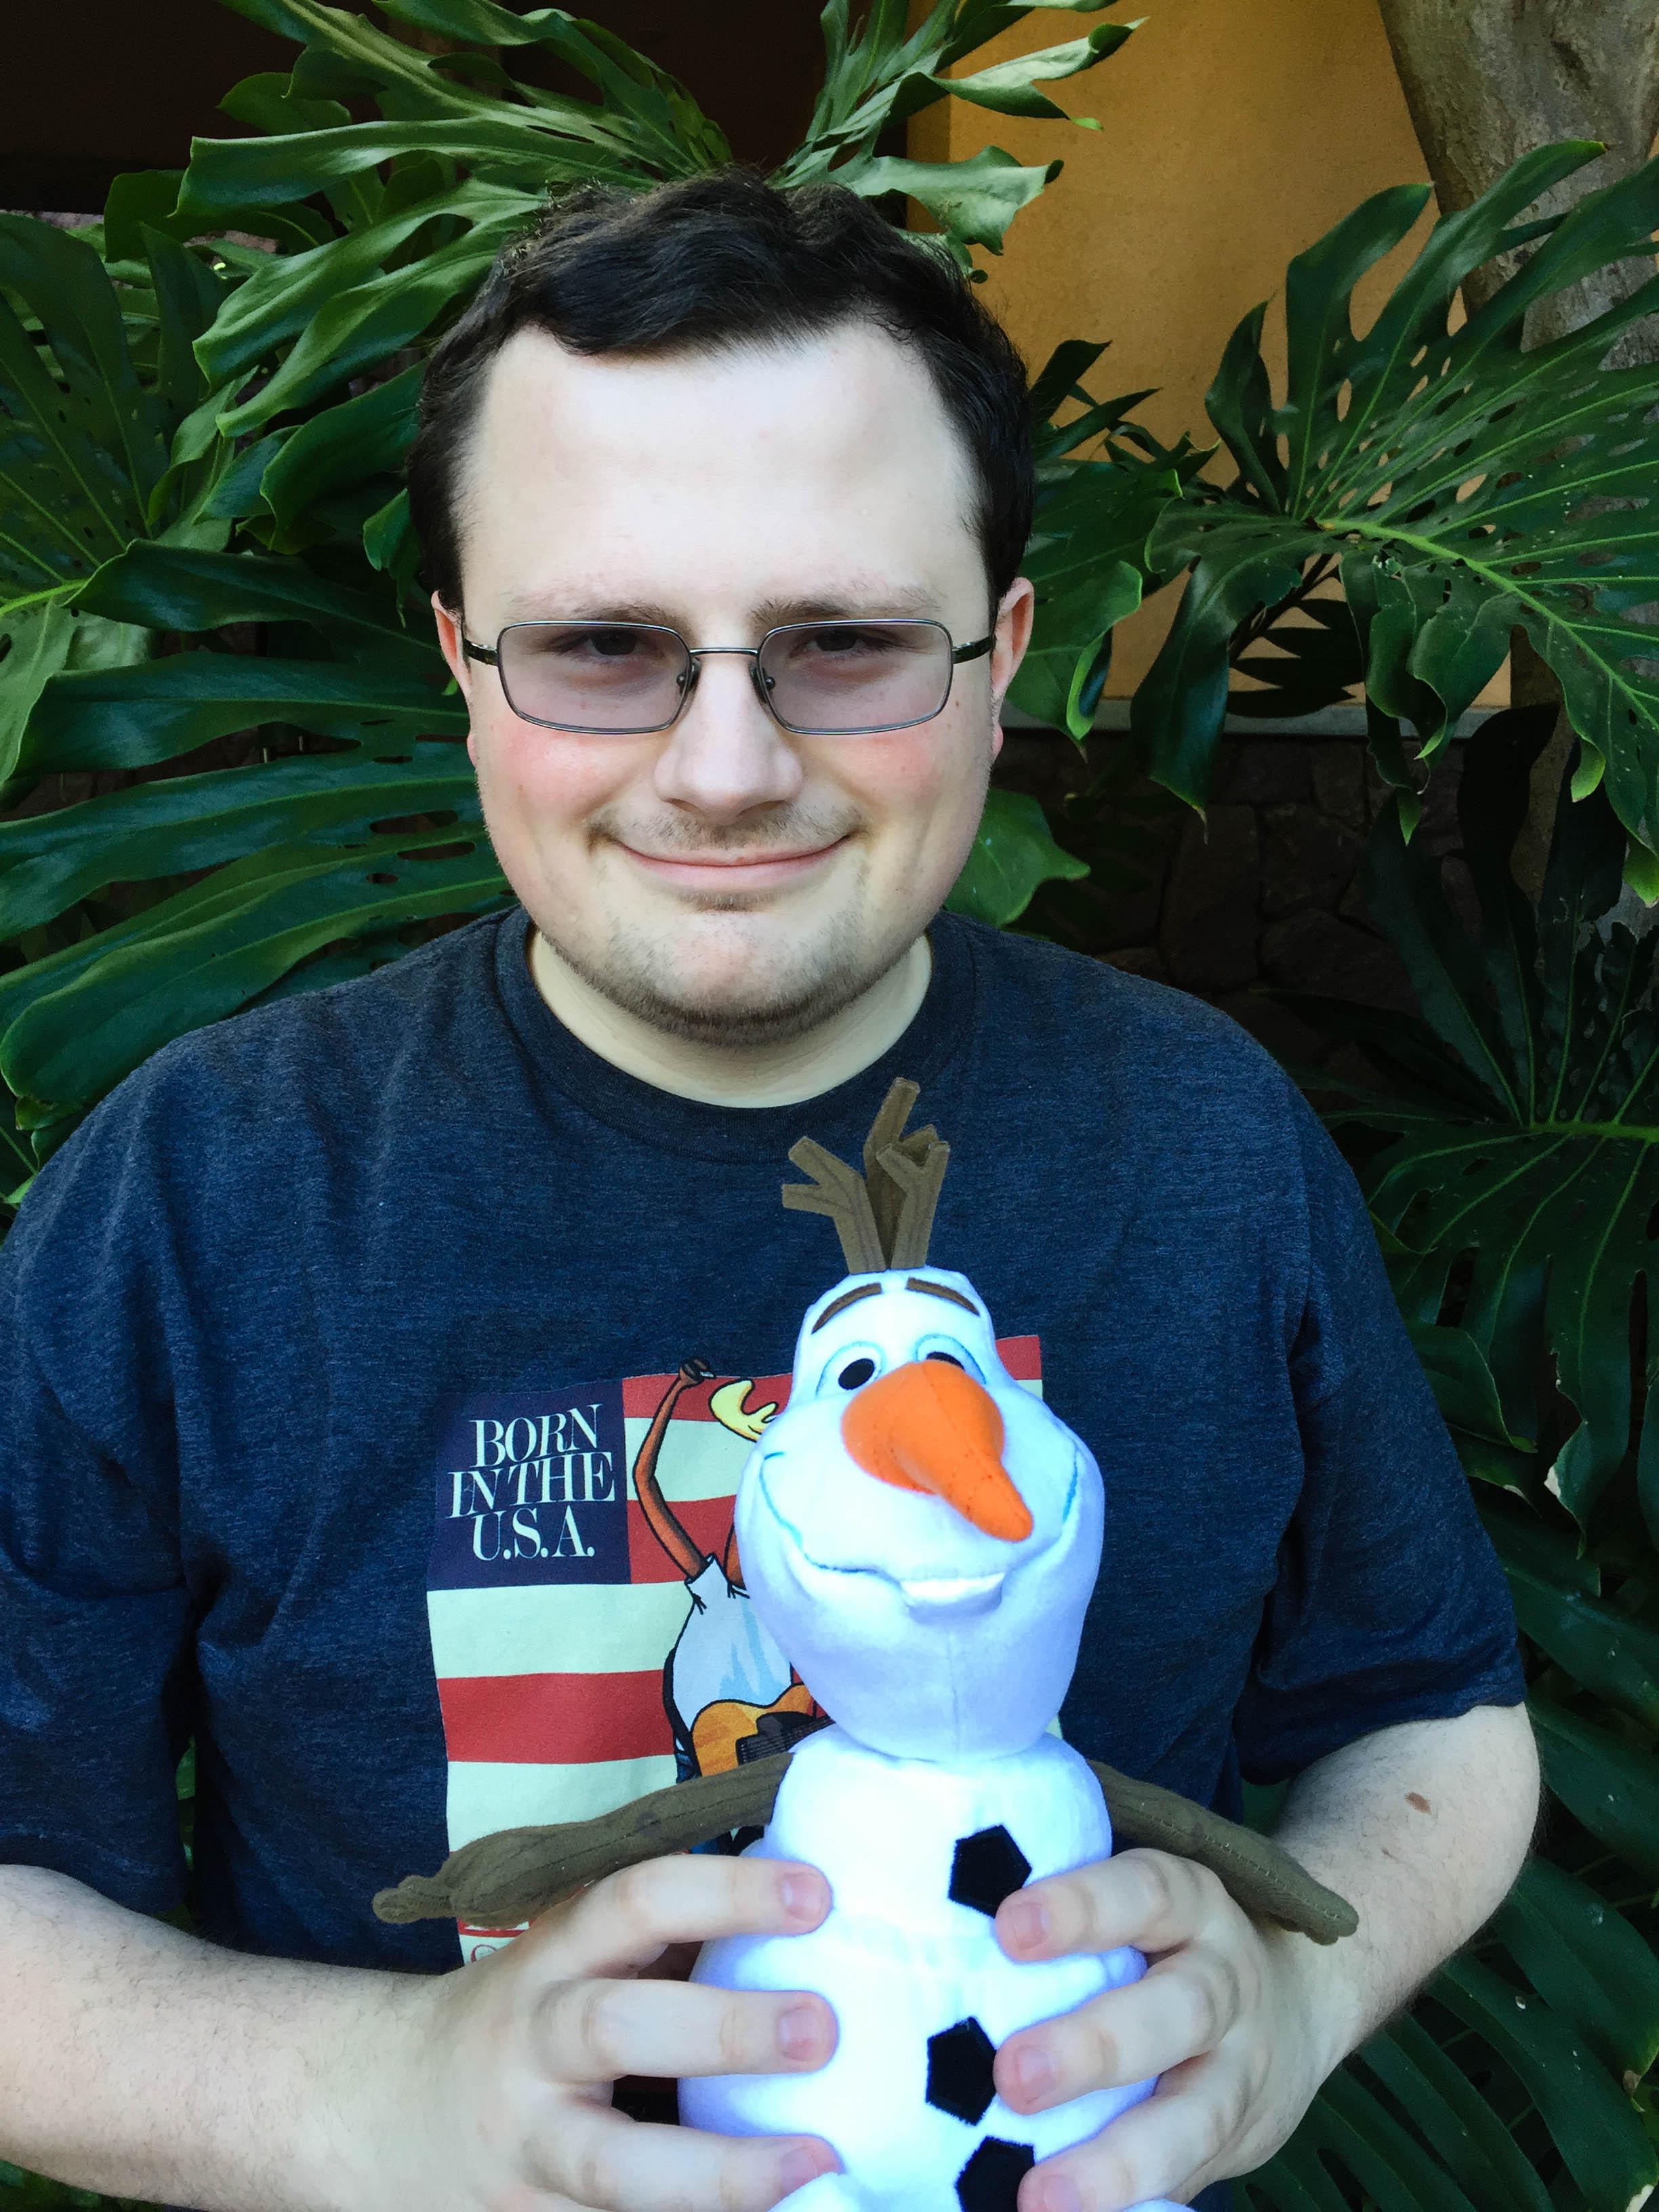 Olaf was in Hawaii!